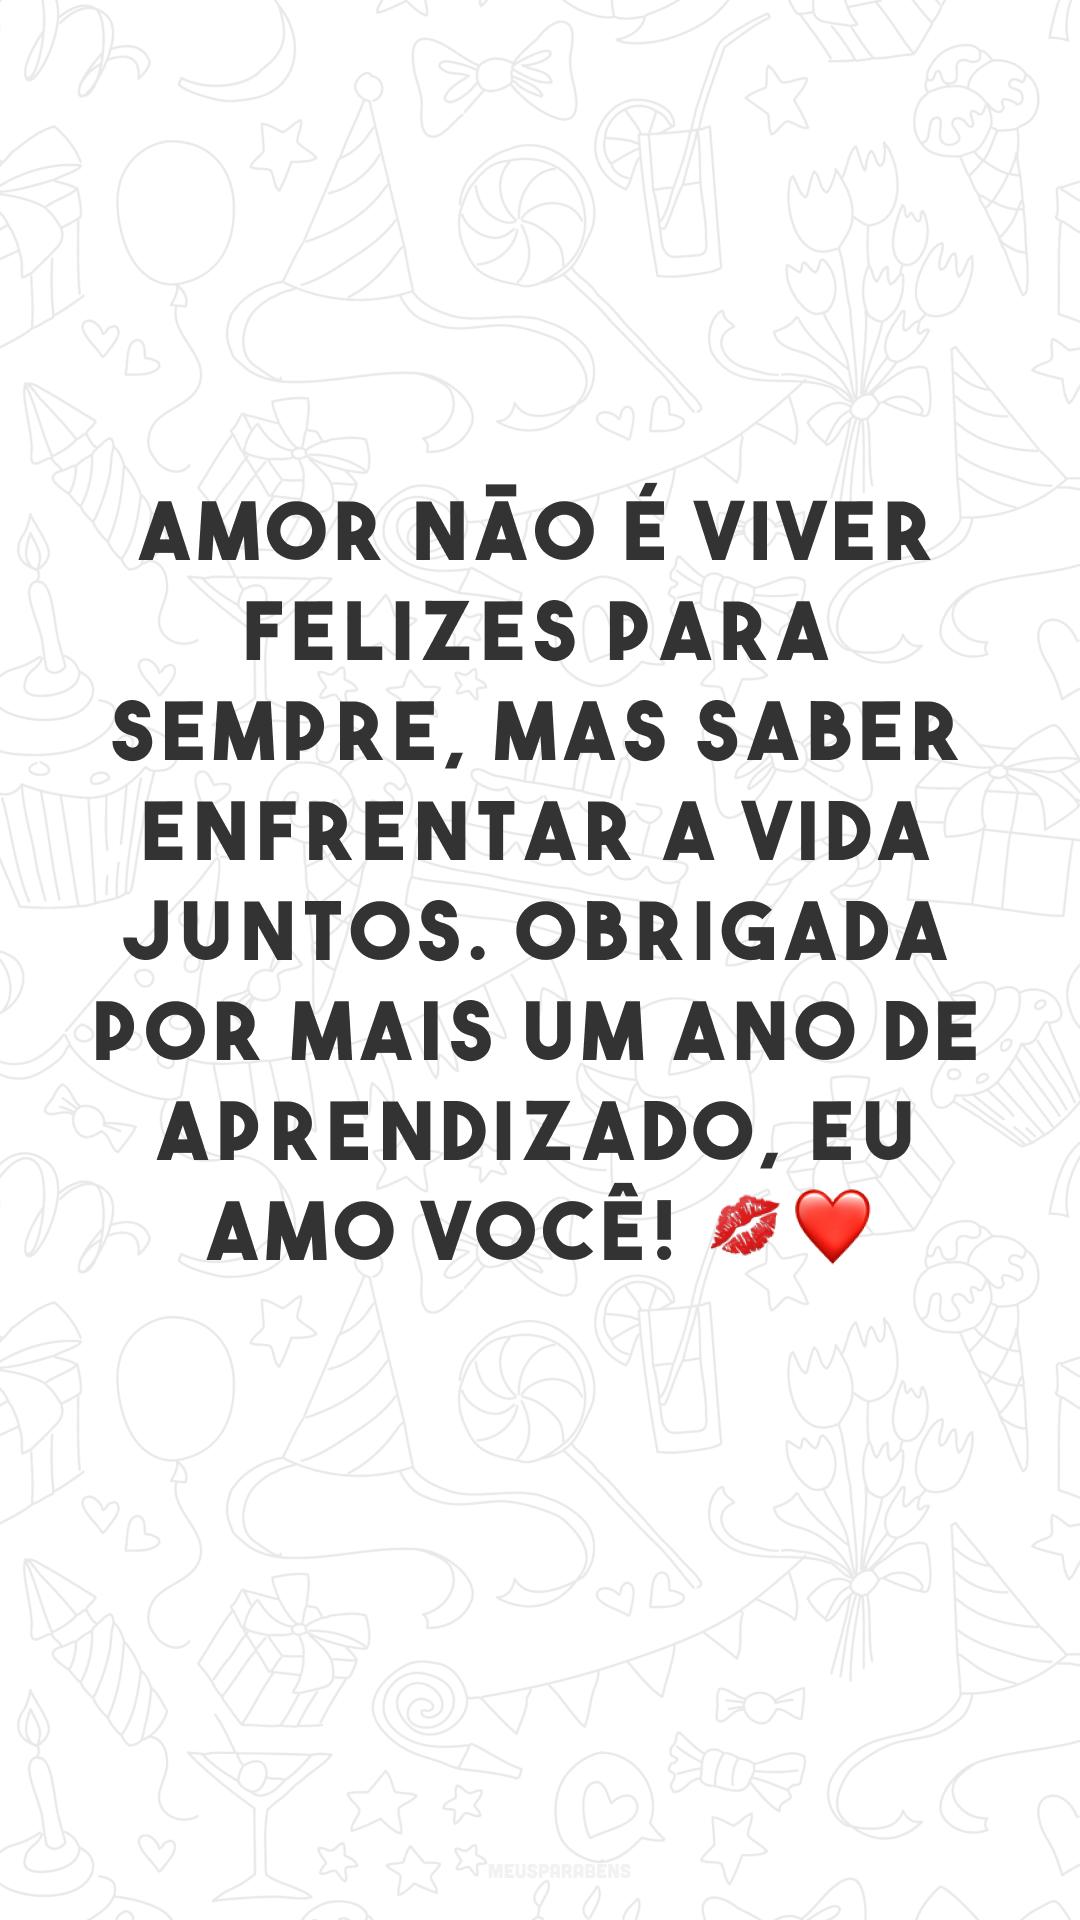 Amor não é viver felizes para sempre, mas saber enfrentar a vida juntos. Obrigada por mais um ano de aprendizado, eu amo você! 💋❤